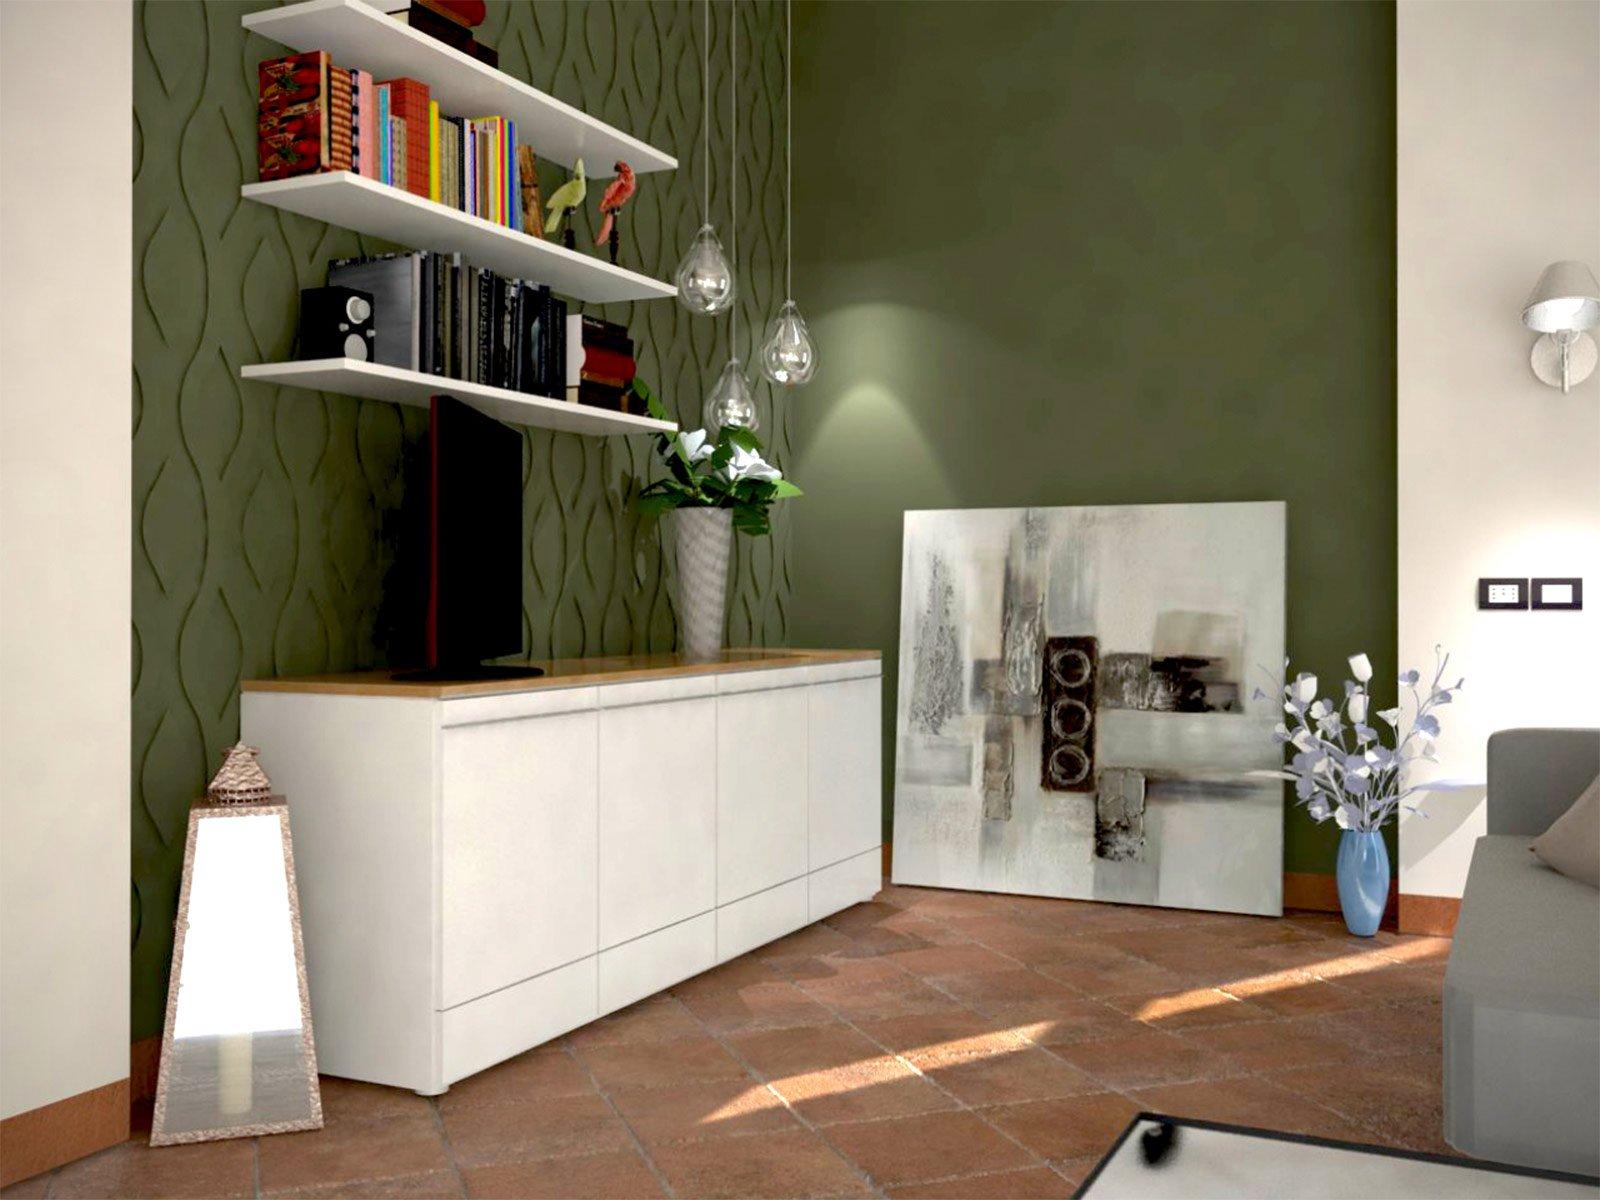 Pavimento in cotto e arredamento moderno cose di casa for Case con arredamento moderno